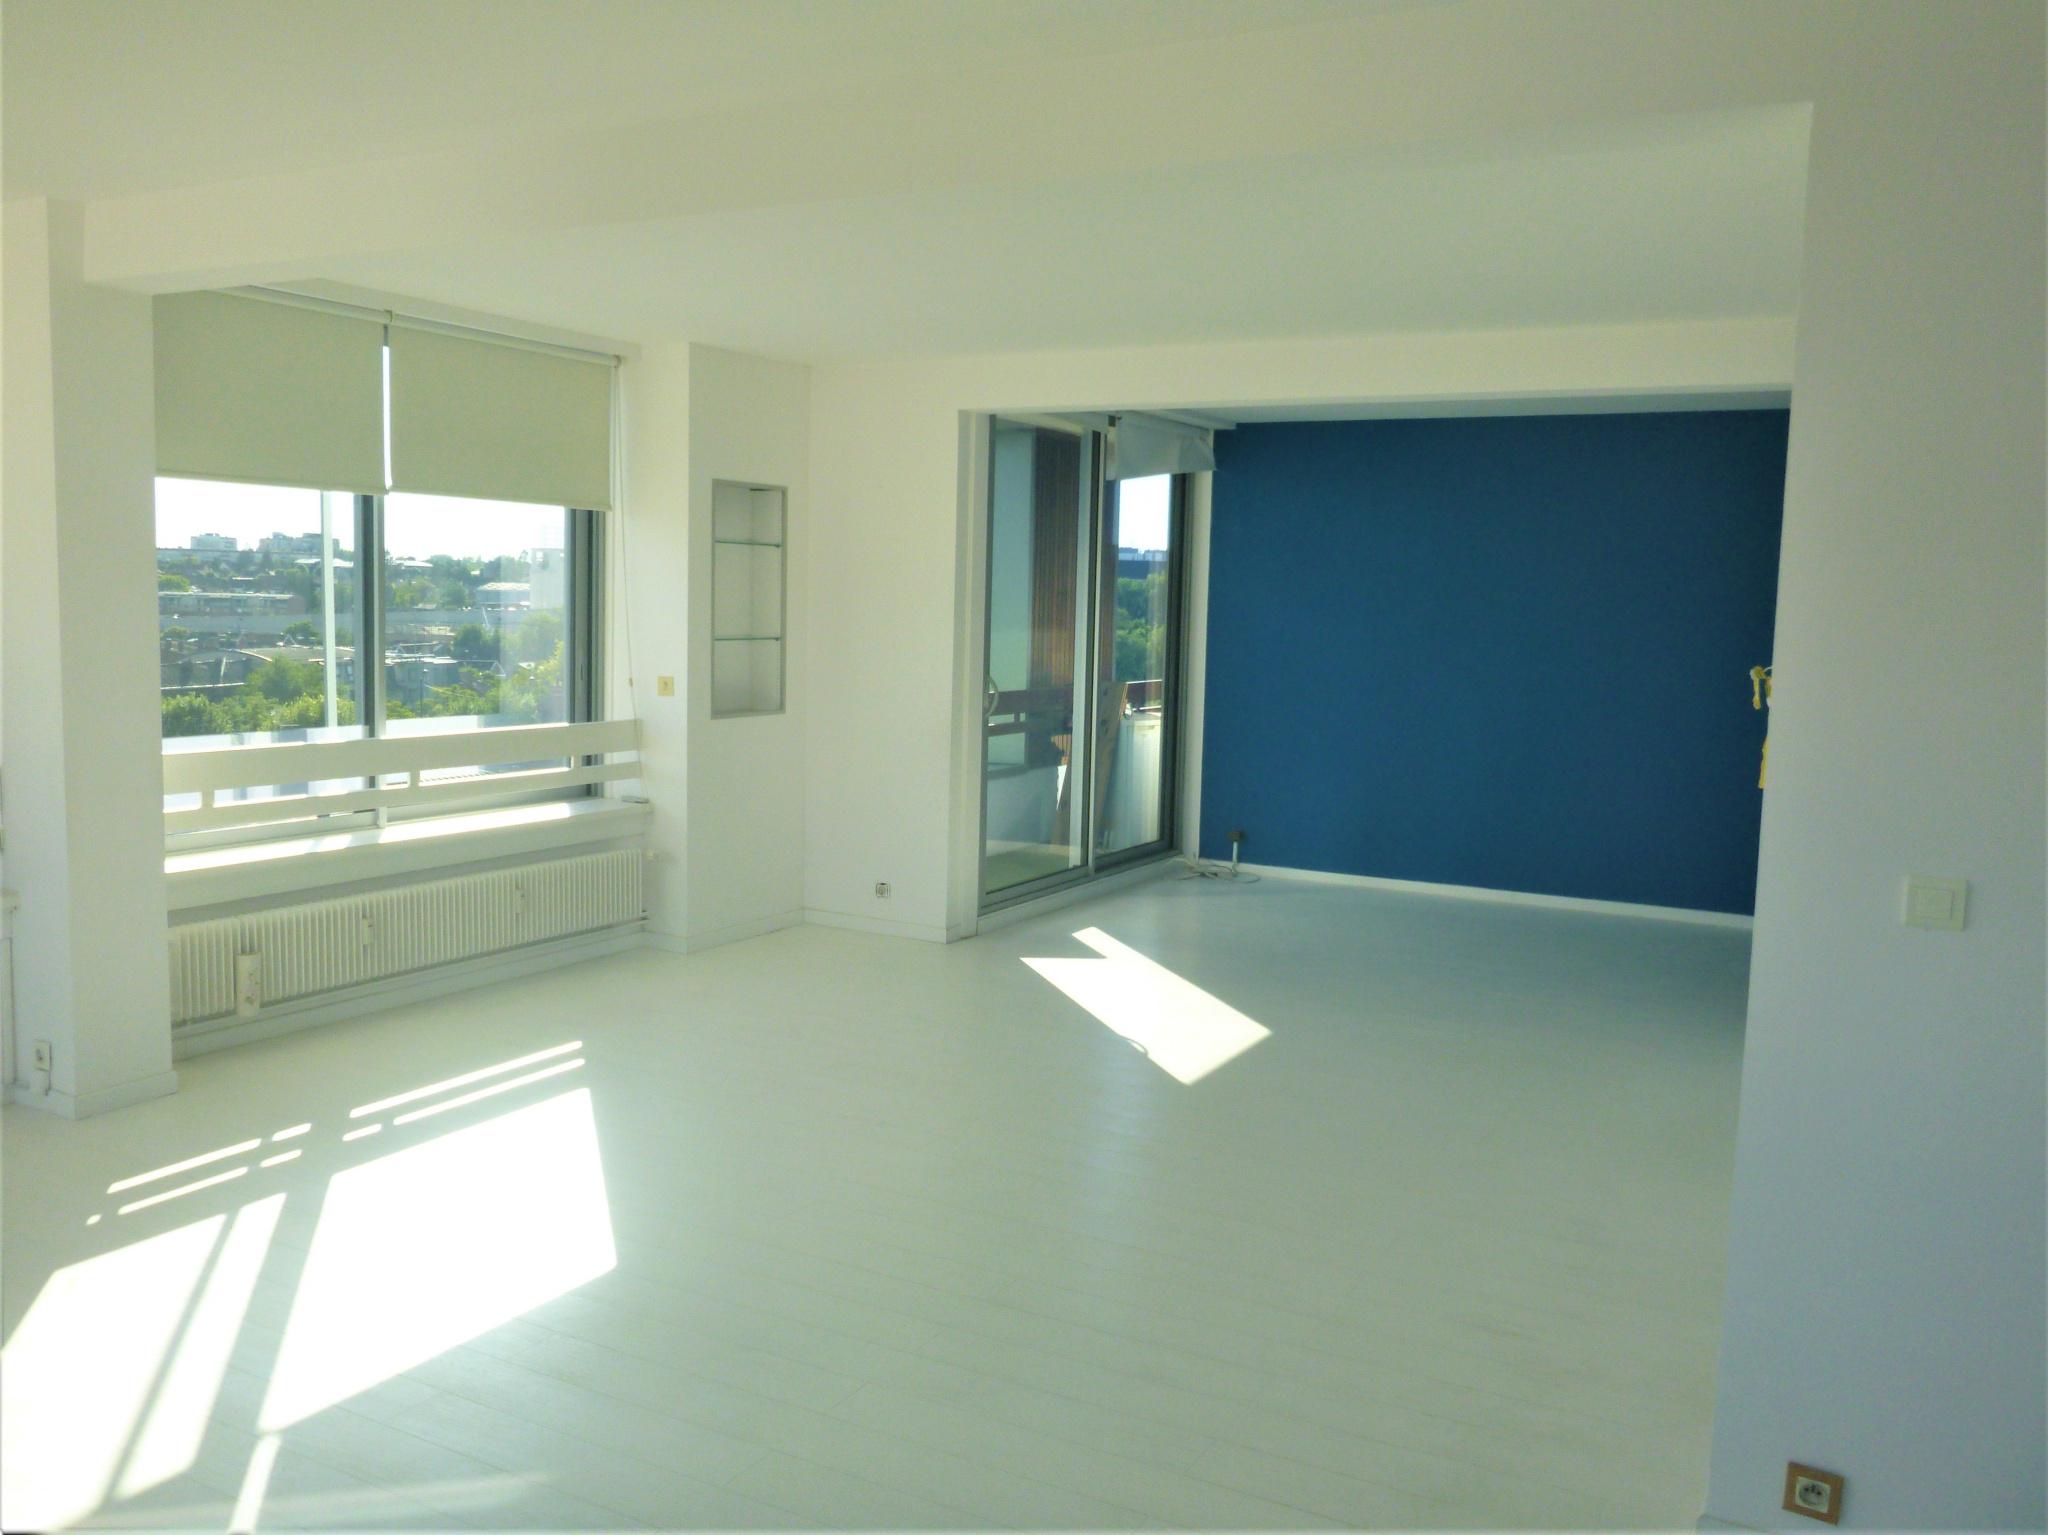 Appartement 188m² entre ville Valenciennes 322000€ FAI  Annie Caillier 0683162981